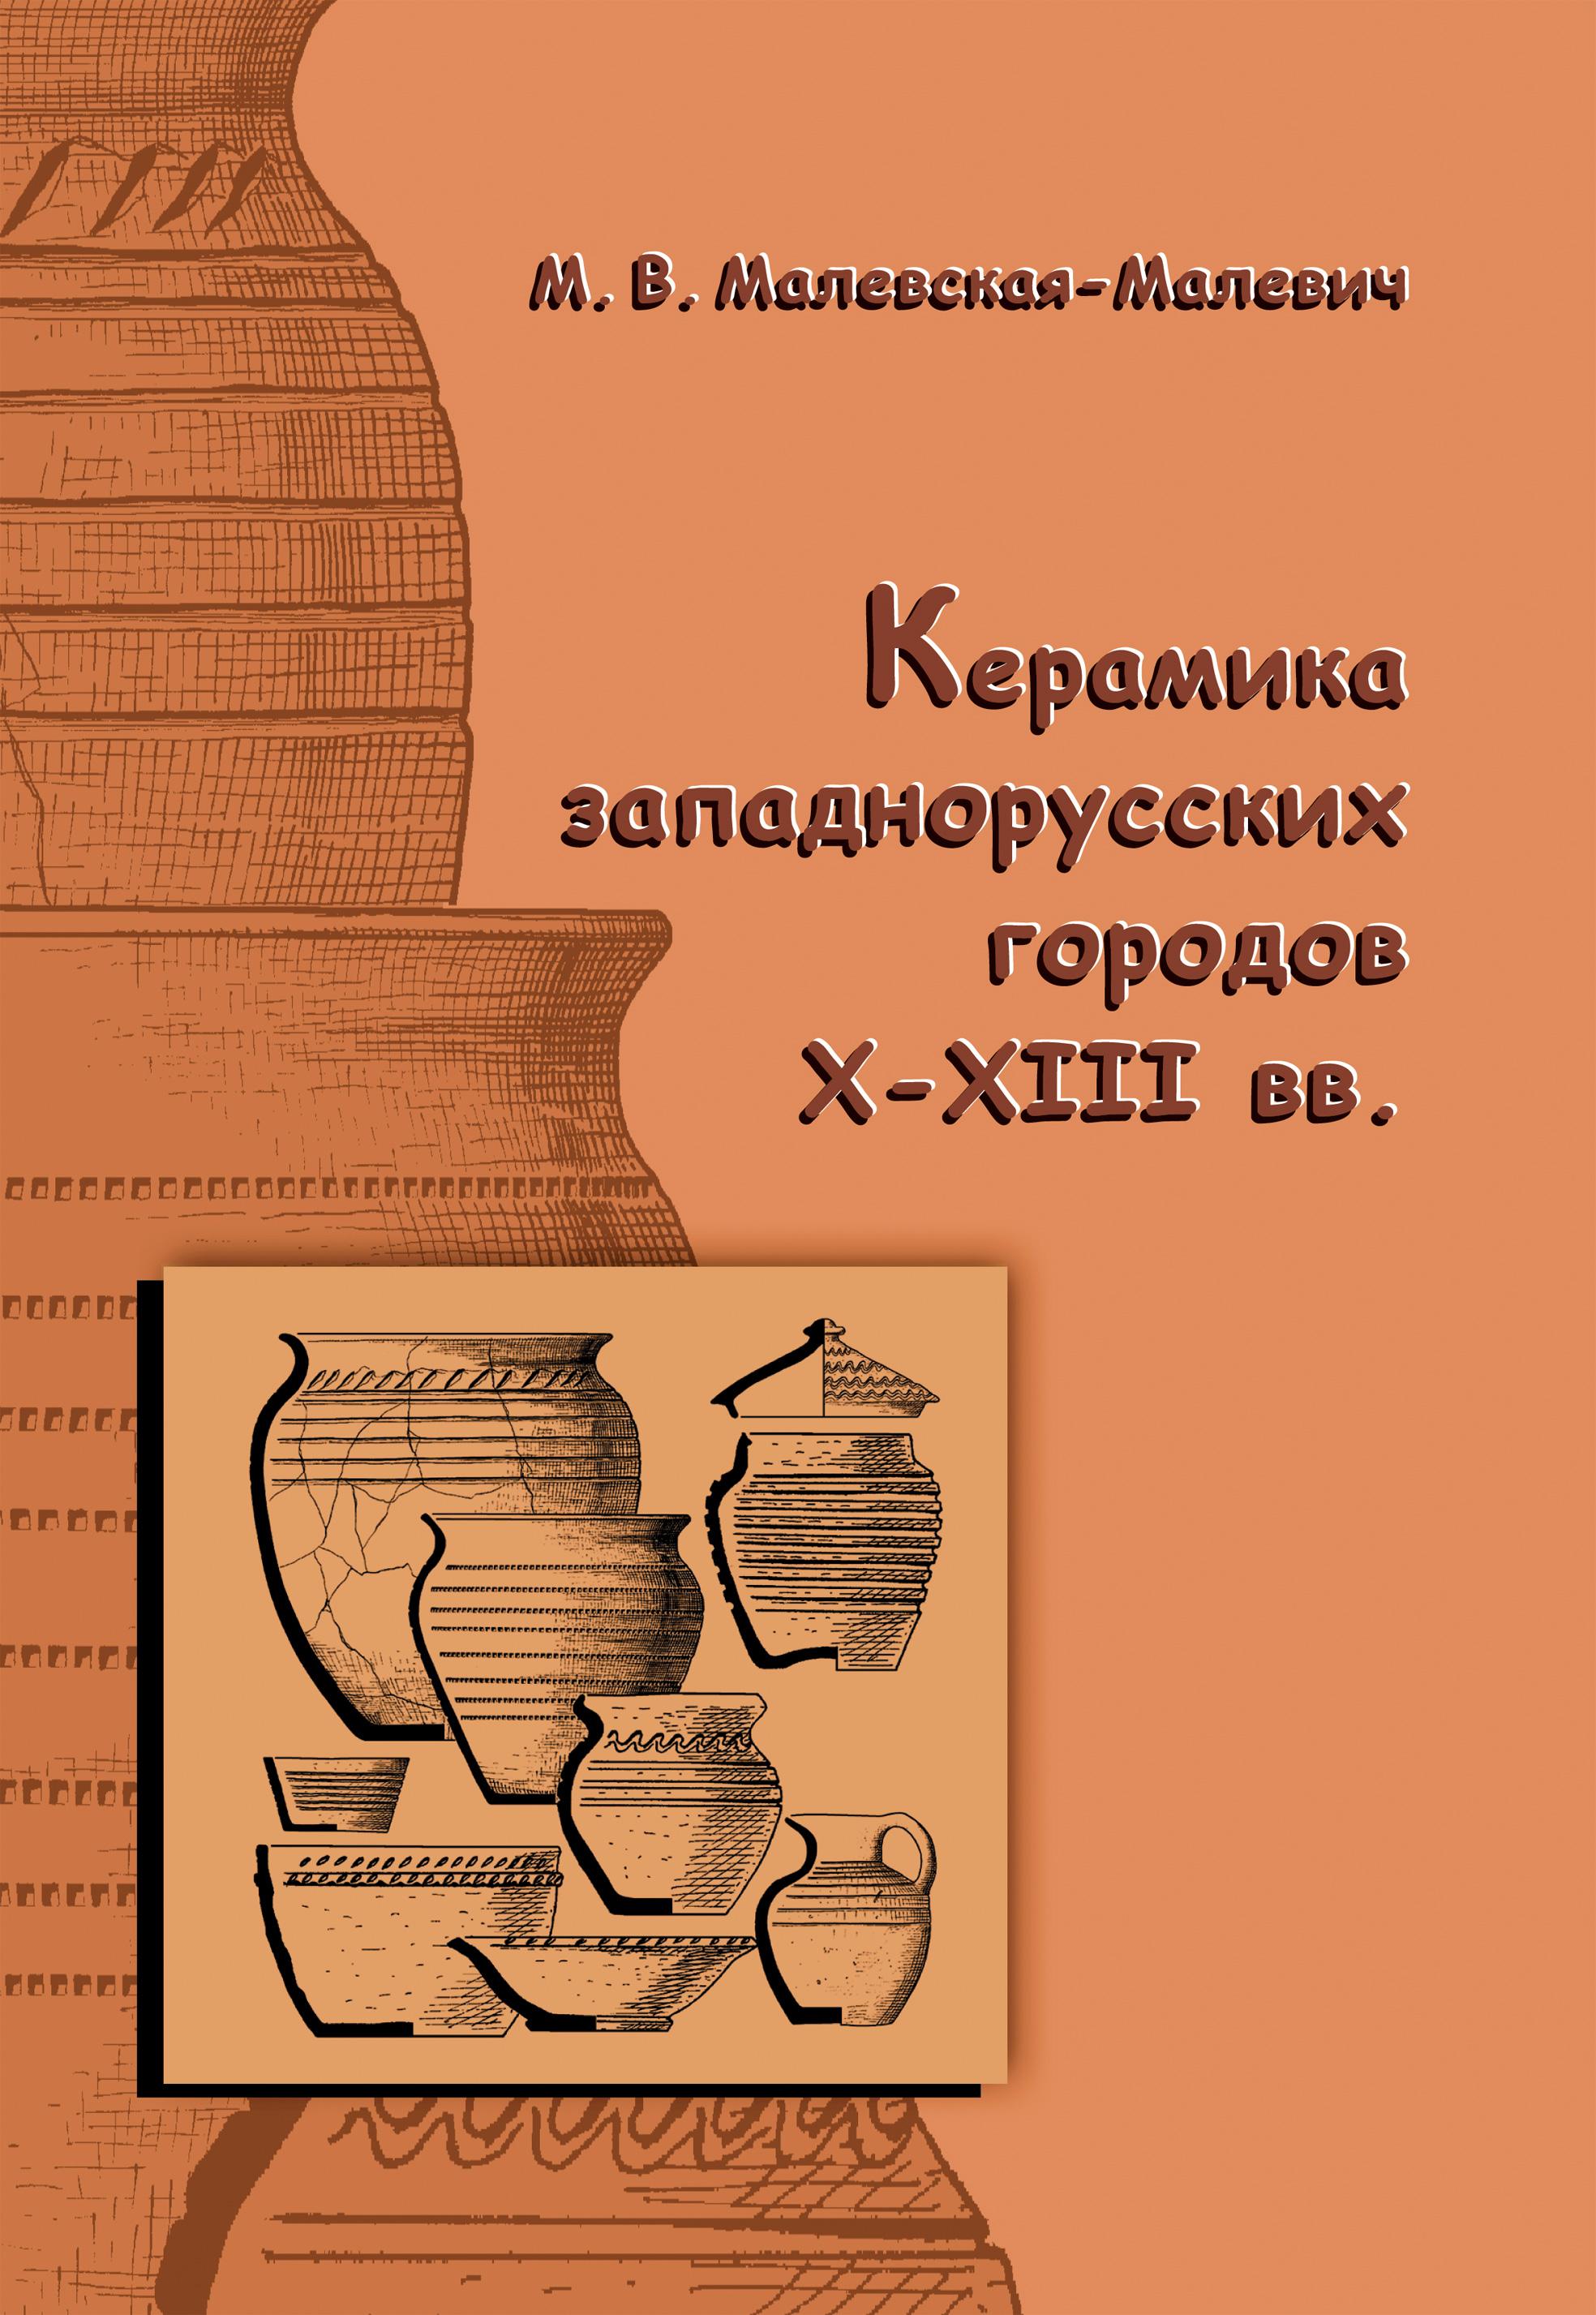 Марианна Малевская Керамика западнорусских городов X–XIII вв.